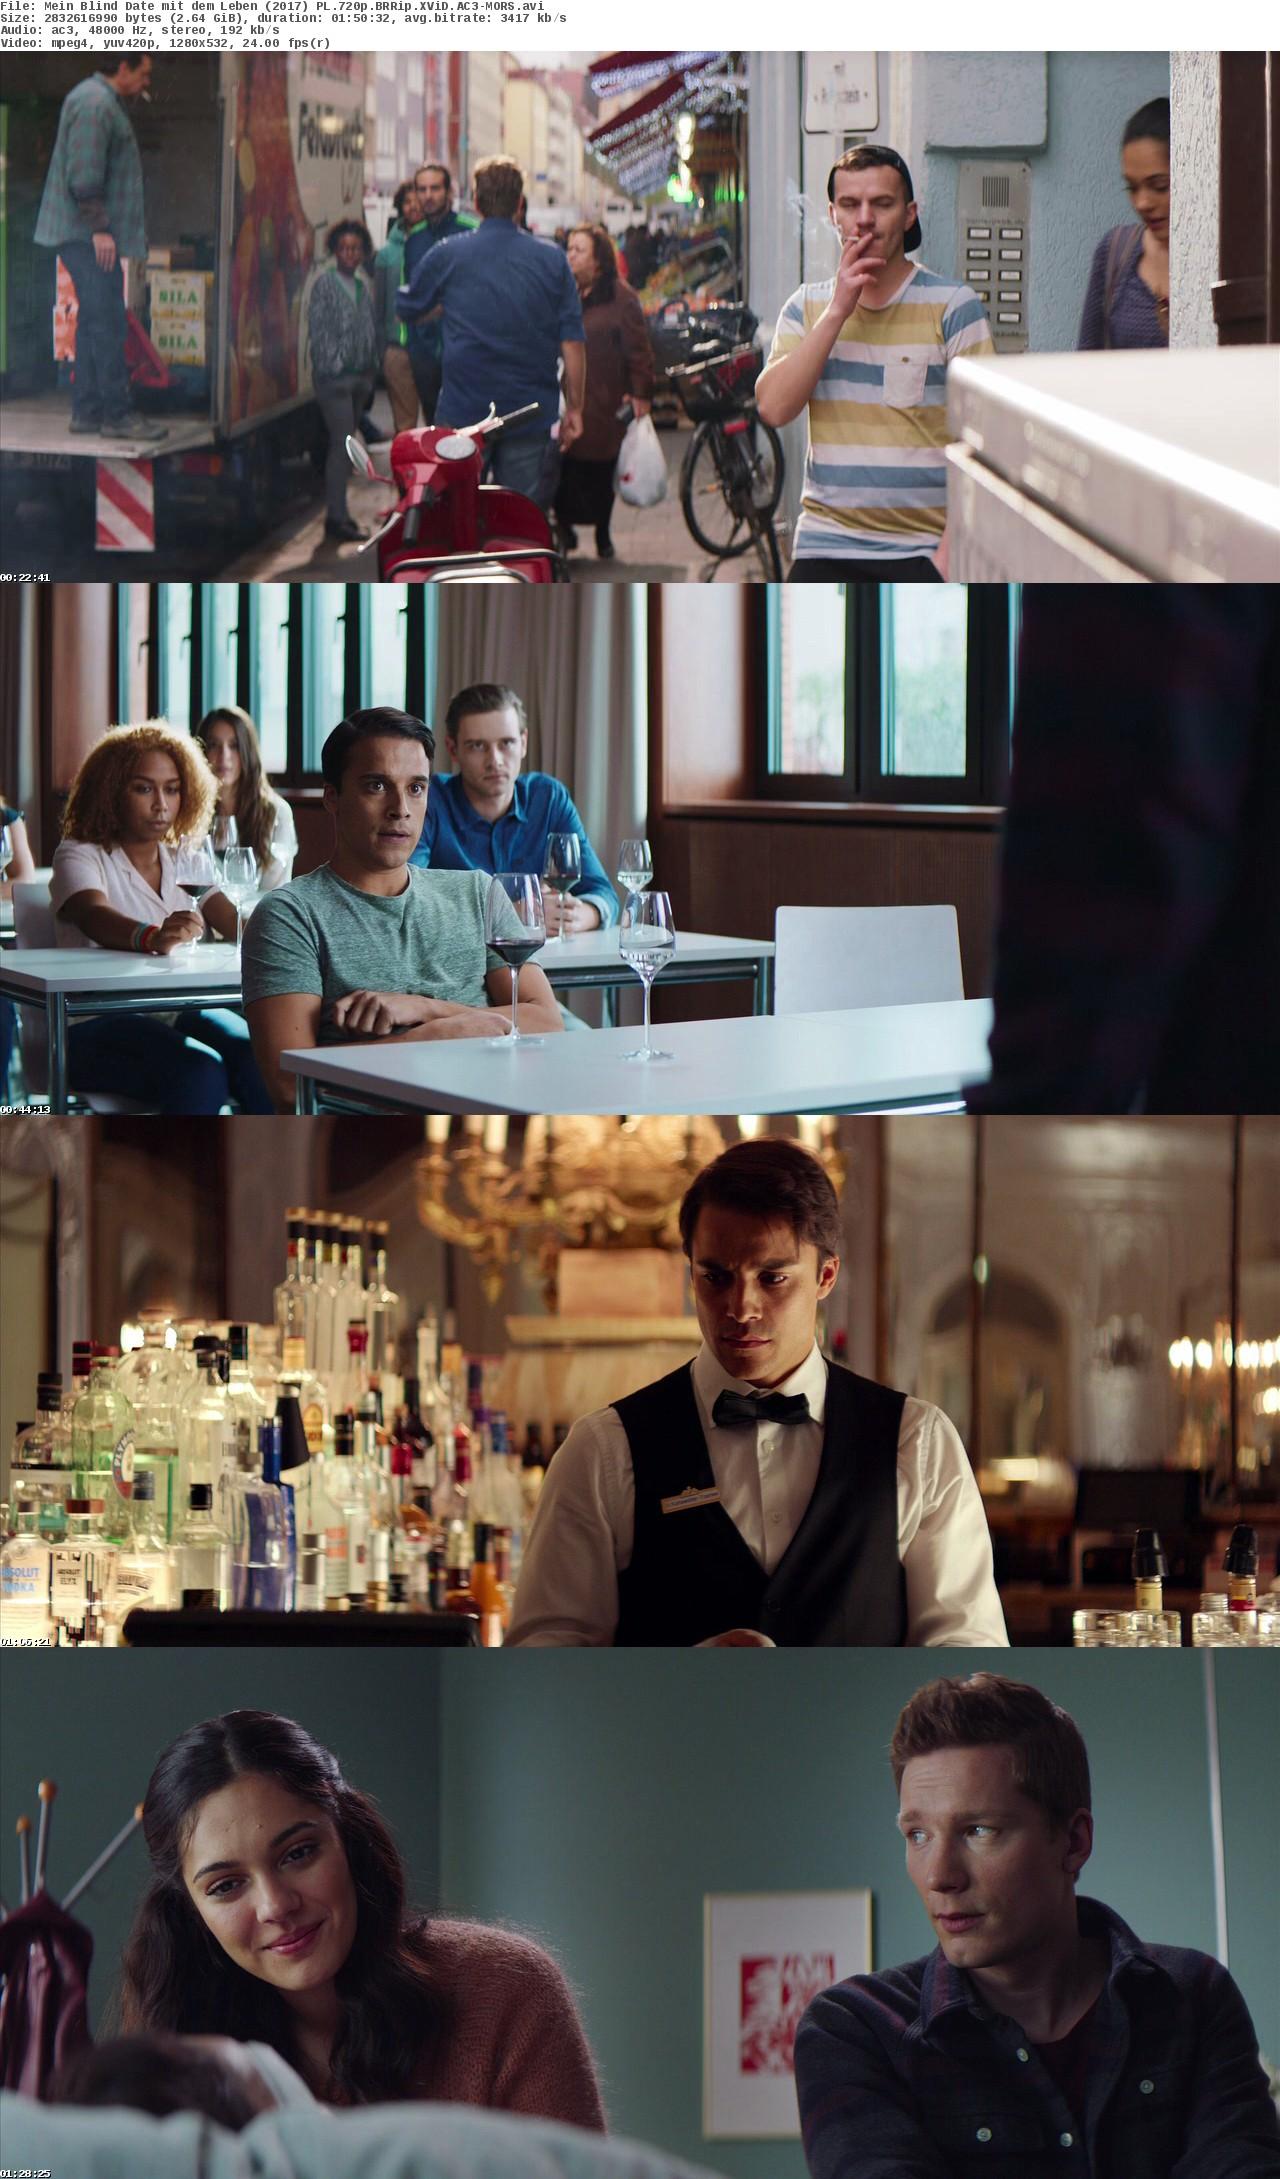 Randka w Ciemno z Życiem / Mein Blind Date mit dem Leben (2017)